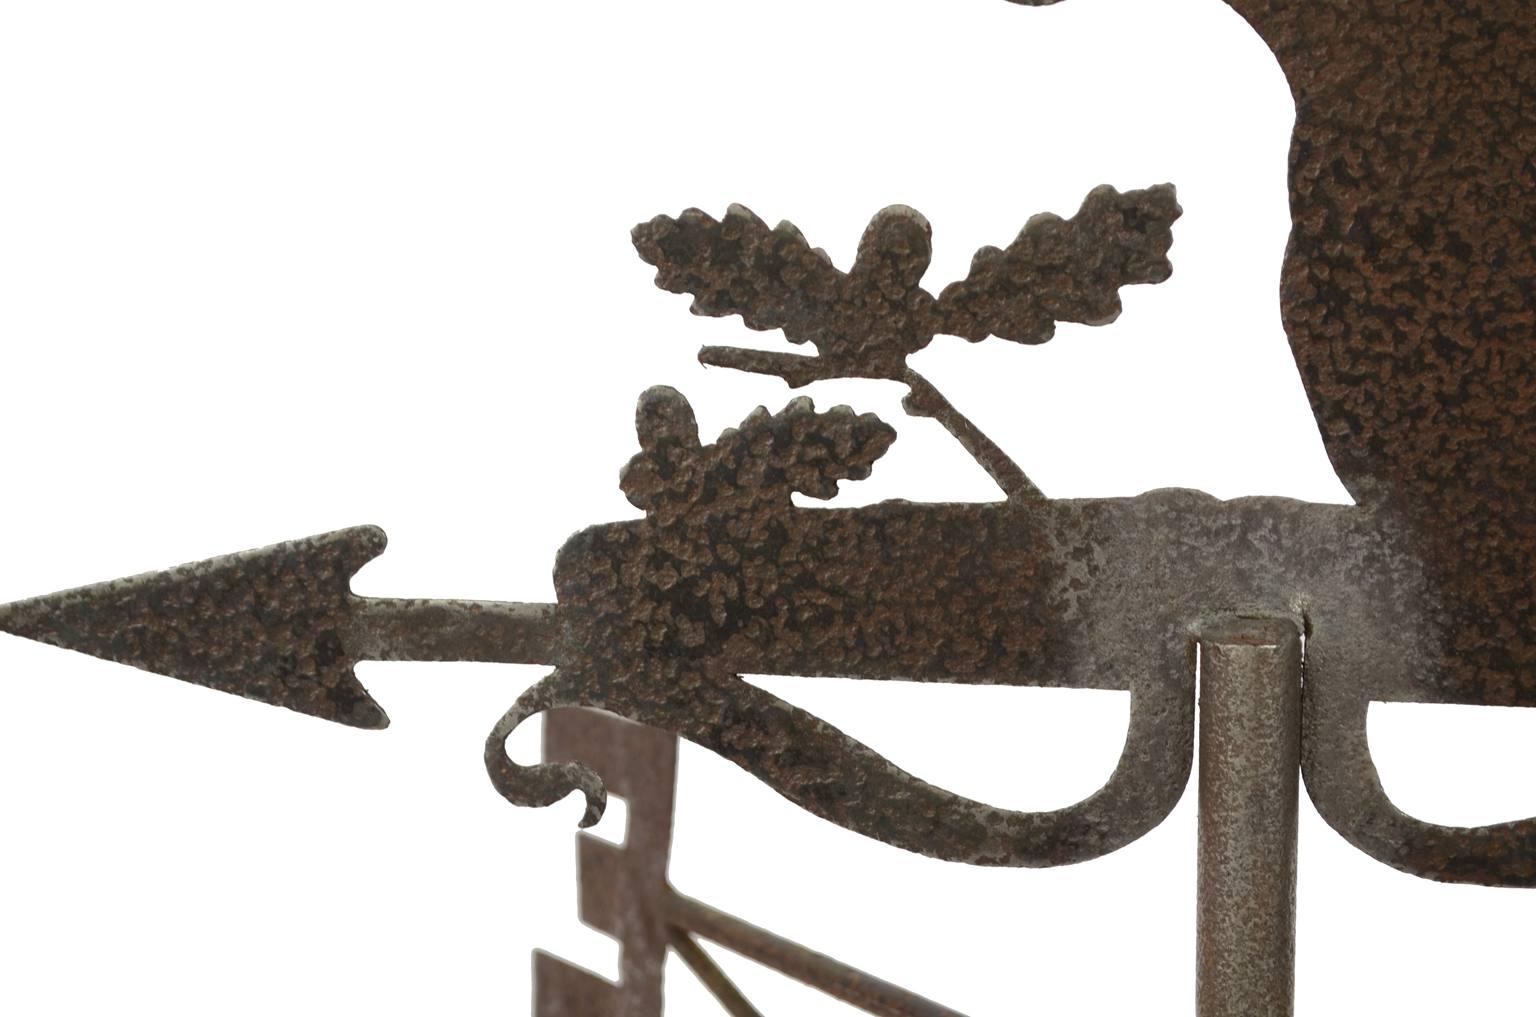 Strumenti di misura antichi/6266-Banderuola segnavento